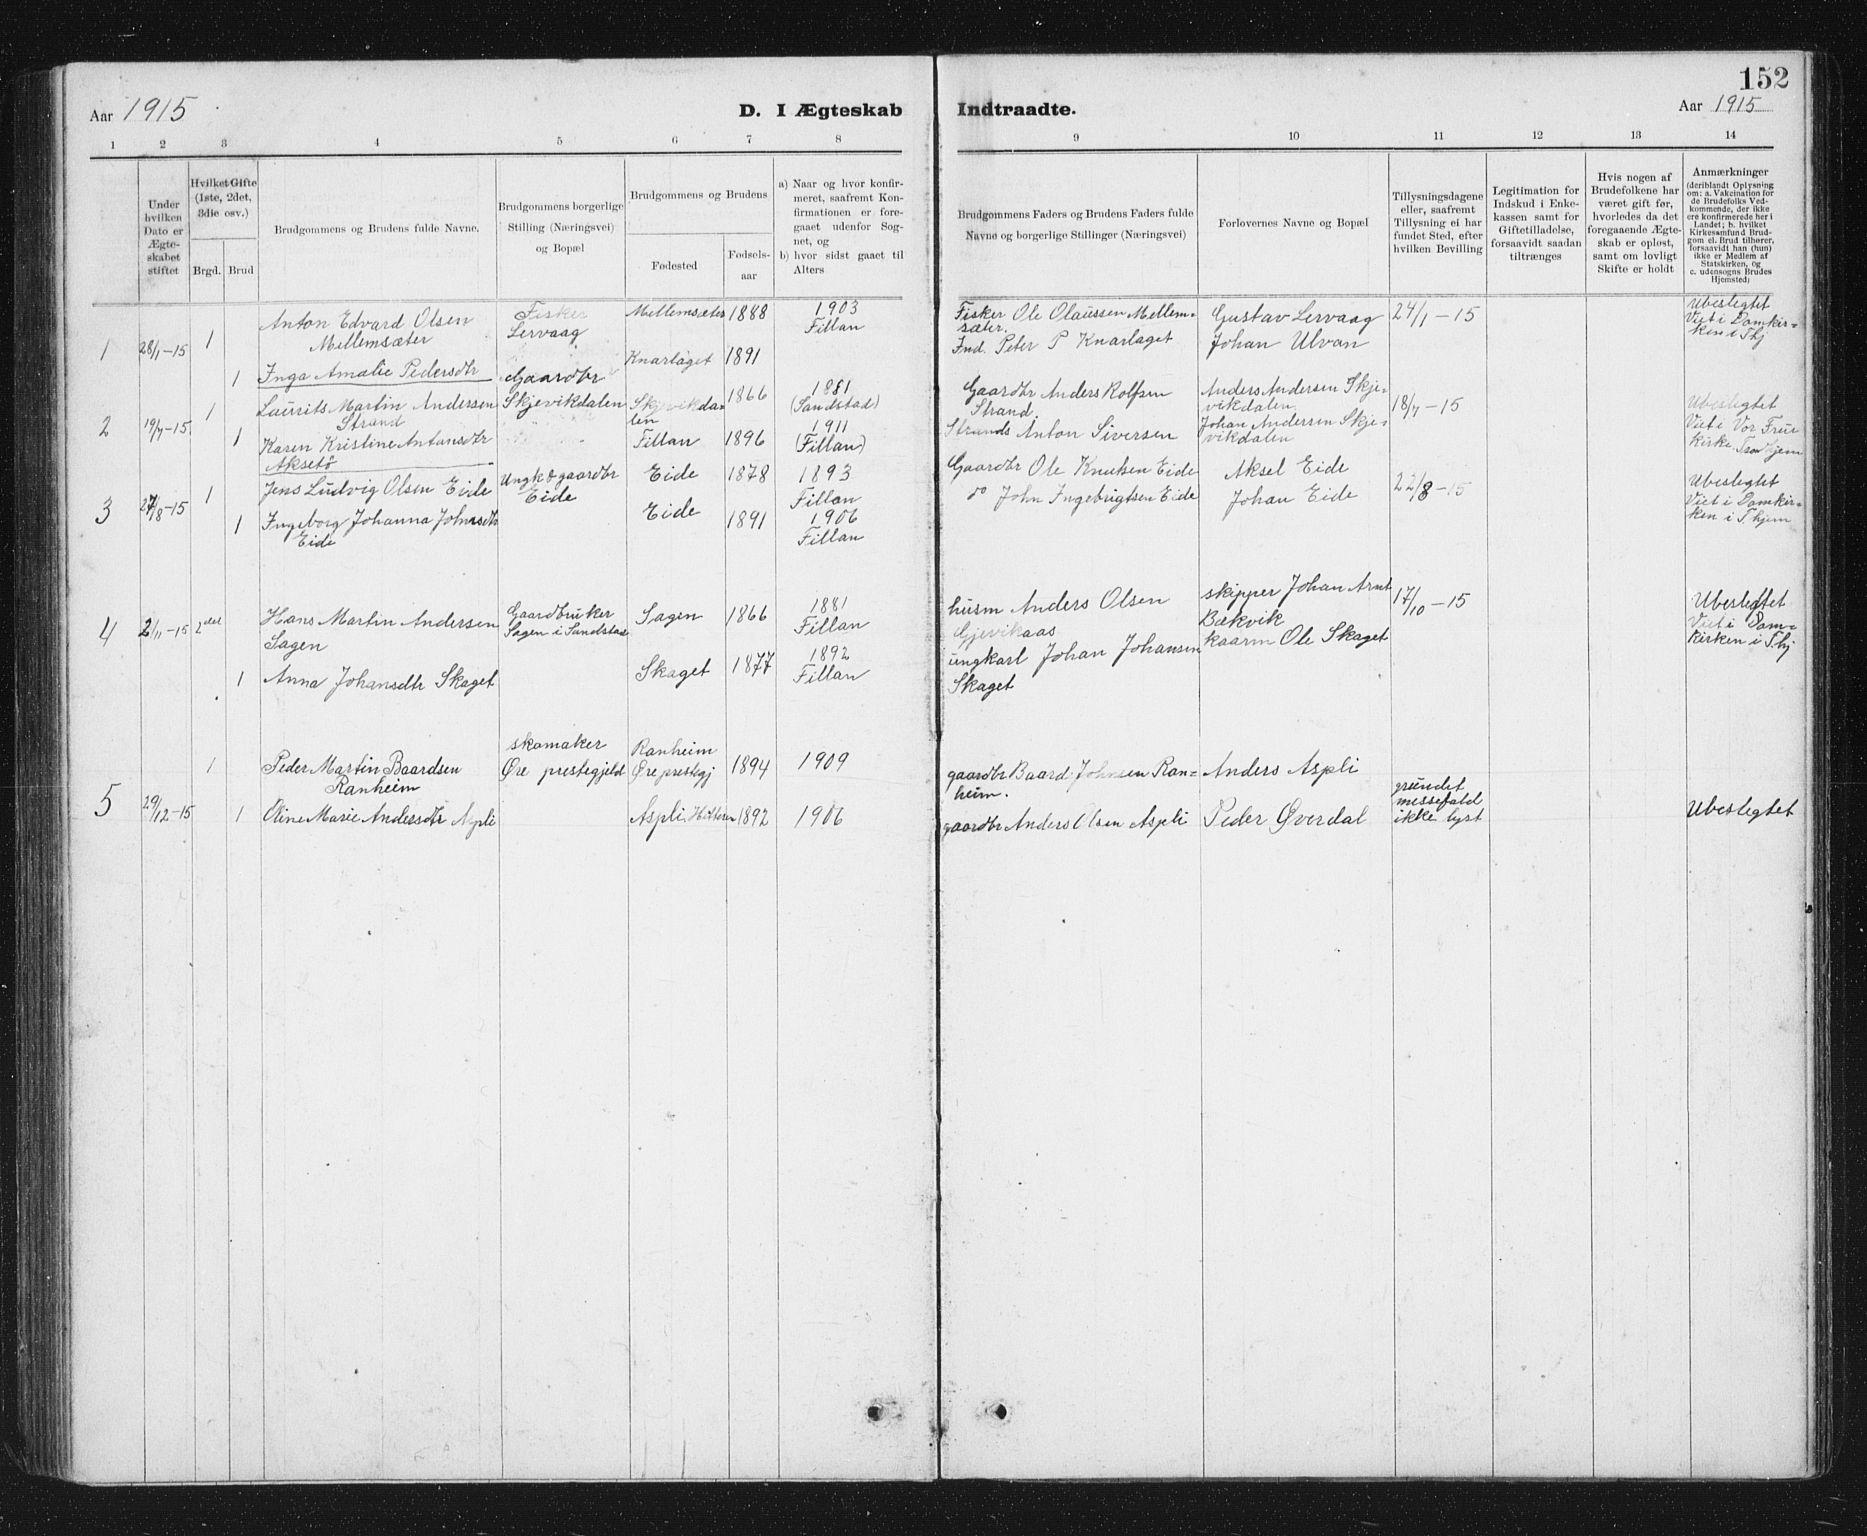 SAT, Ministerialprotokoller, klokkerbøker og fødselsregistre - Sør-Trøndelag, 637/L0563: Klokkerbok nr. 637C04, 1899-1940, s. 152